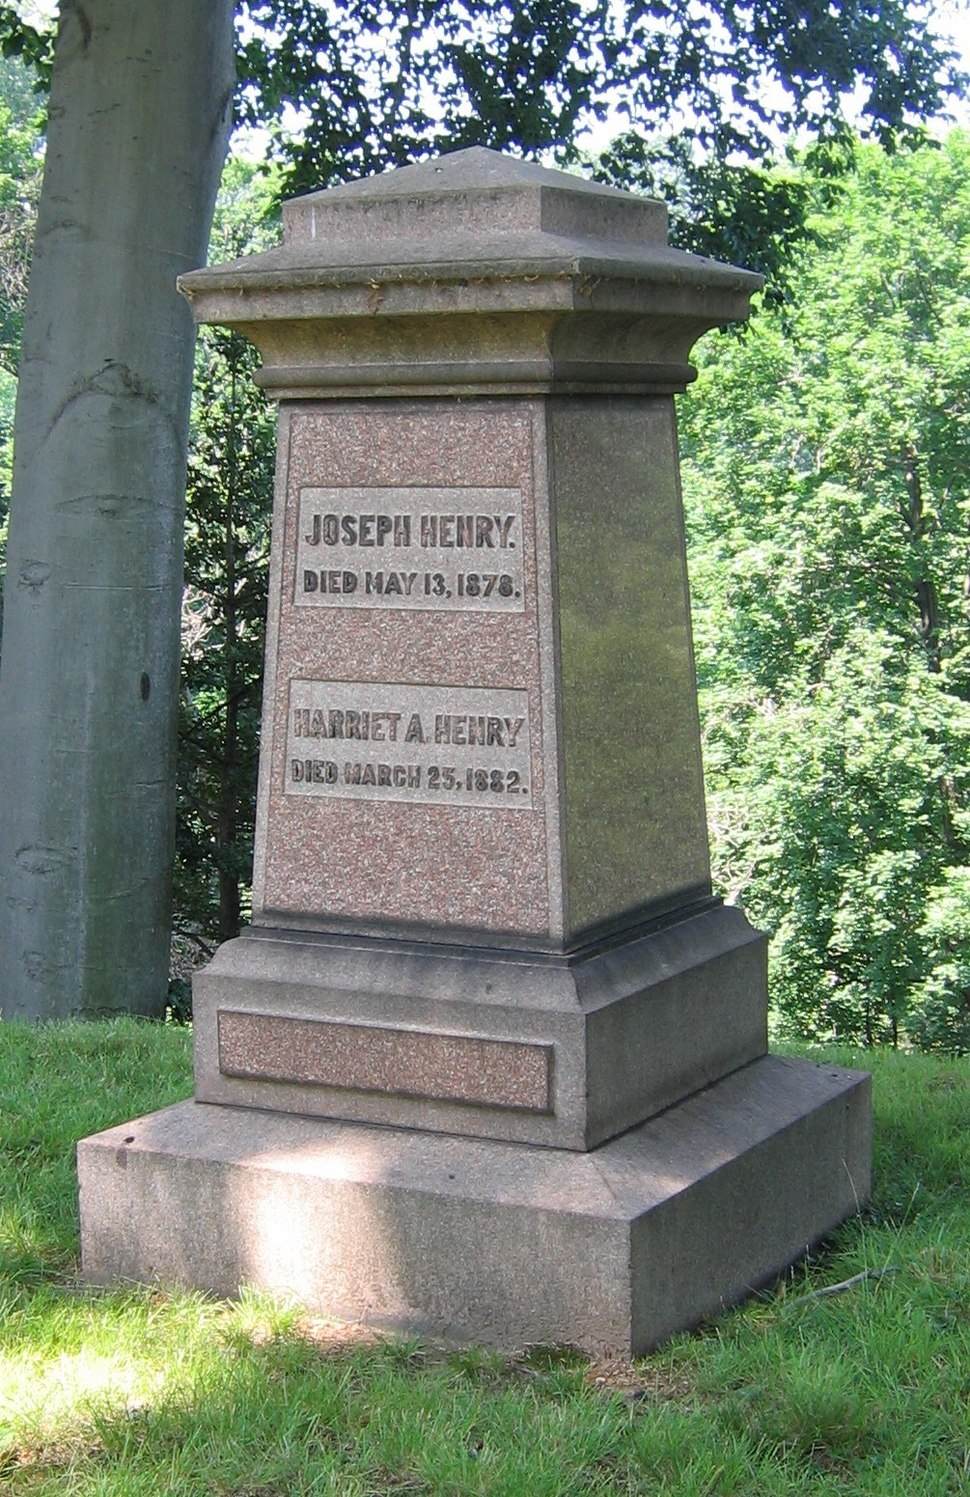 Henry Joseph grave